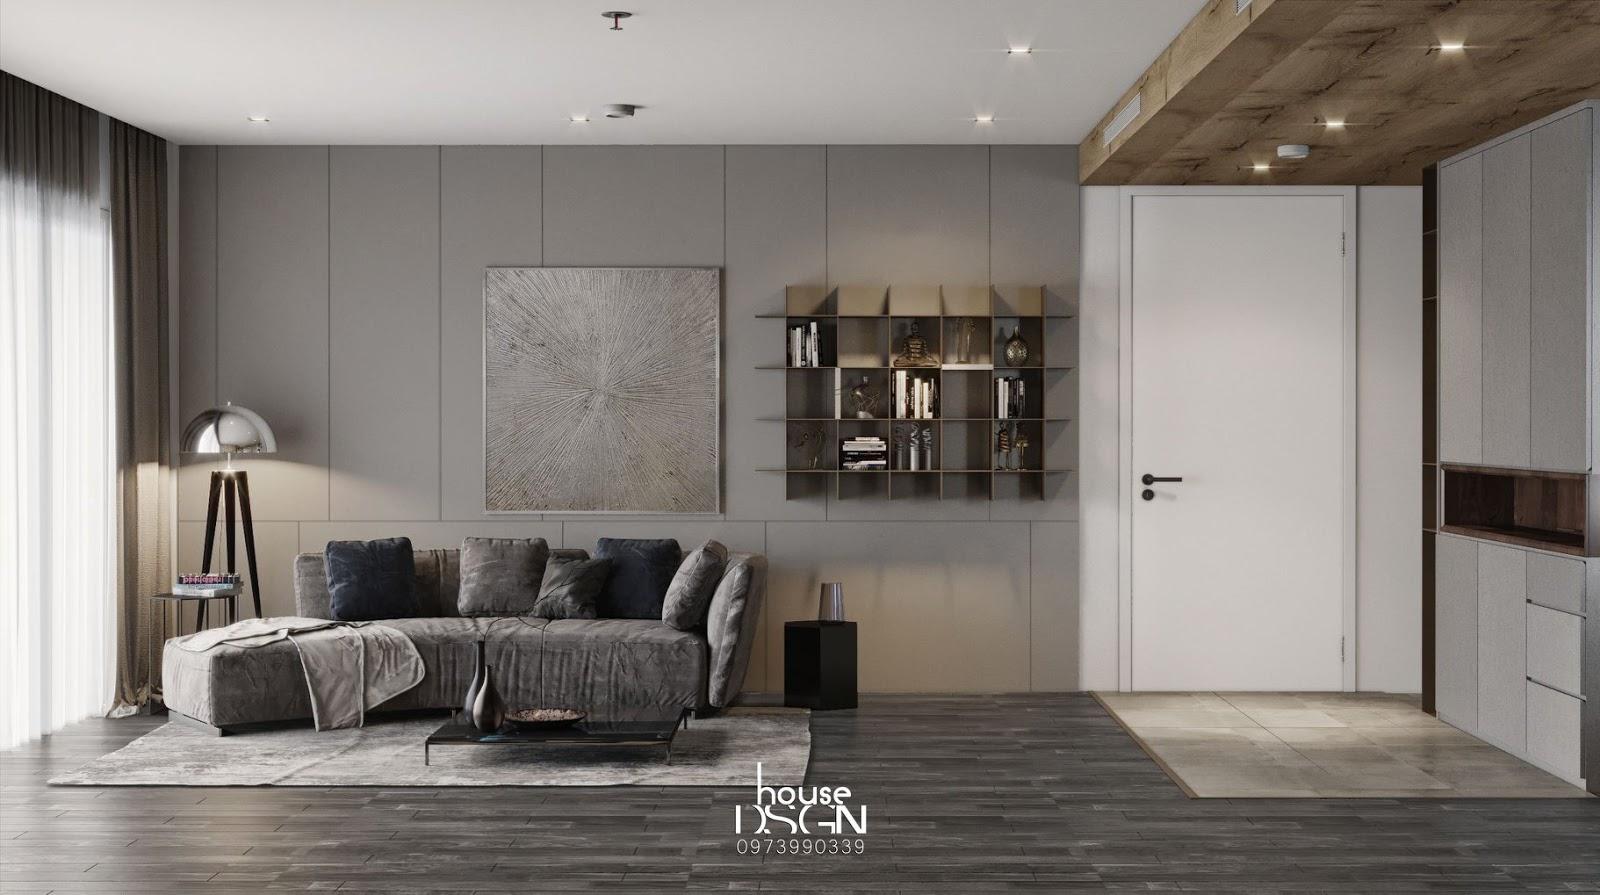 trang trí nhà nhỏ xinh - Housedesign